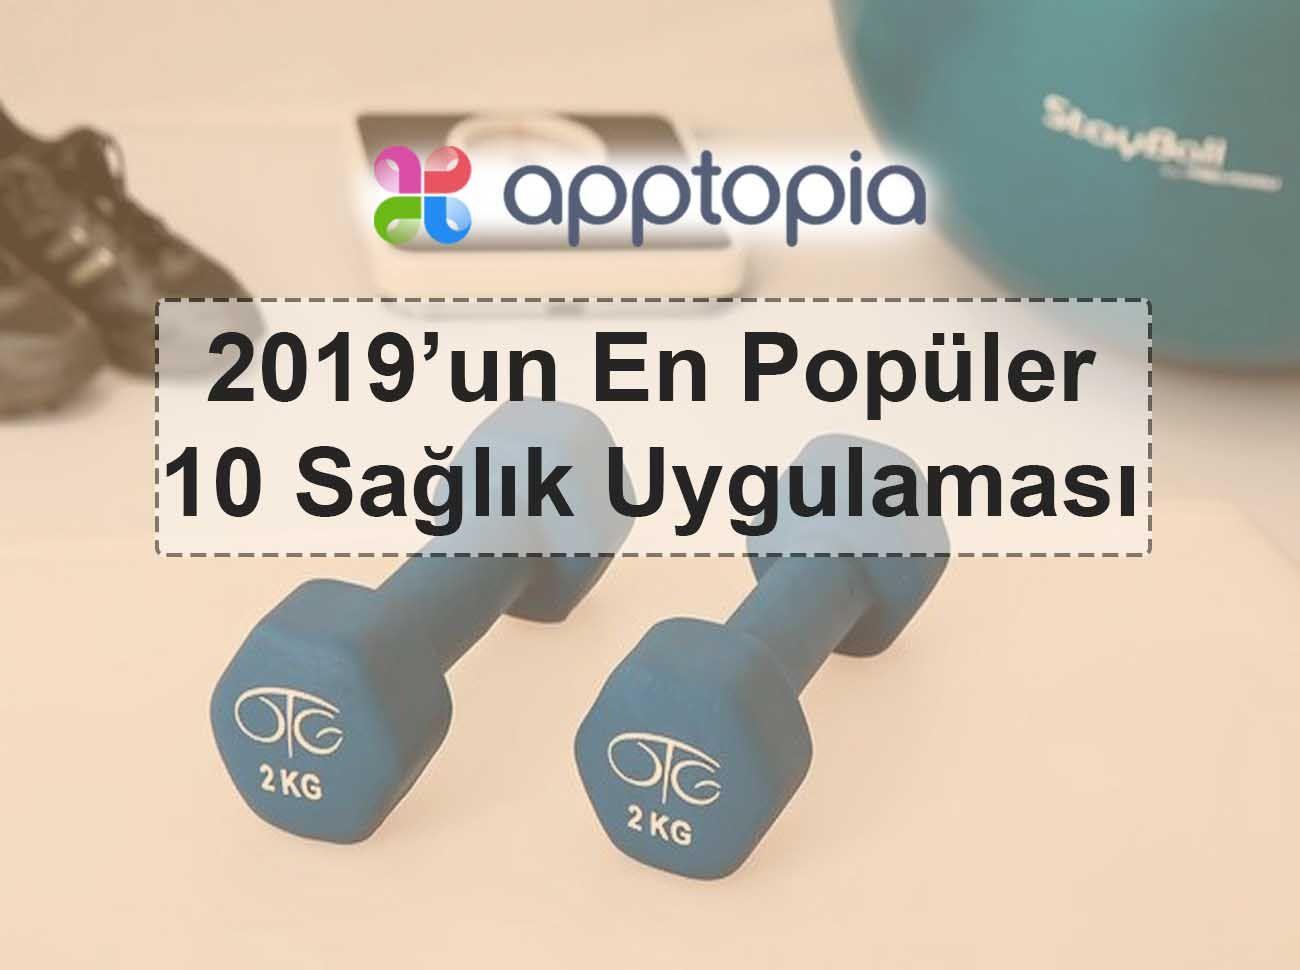 2019'un En Popüler 10 Sağlık Uygulaması